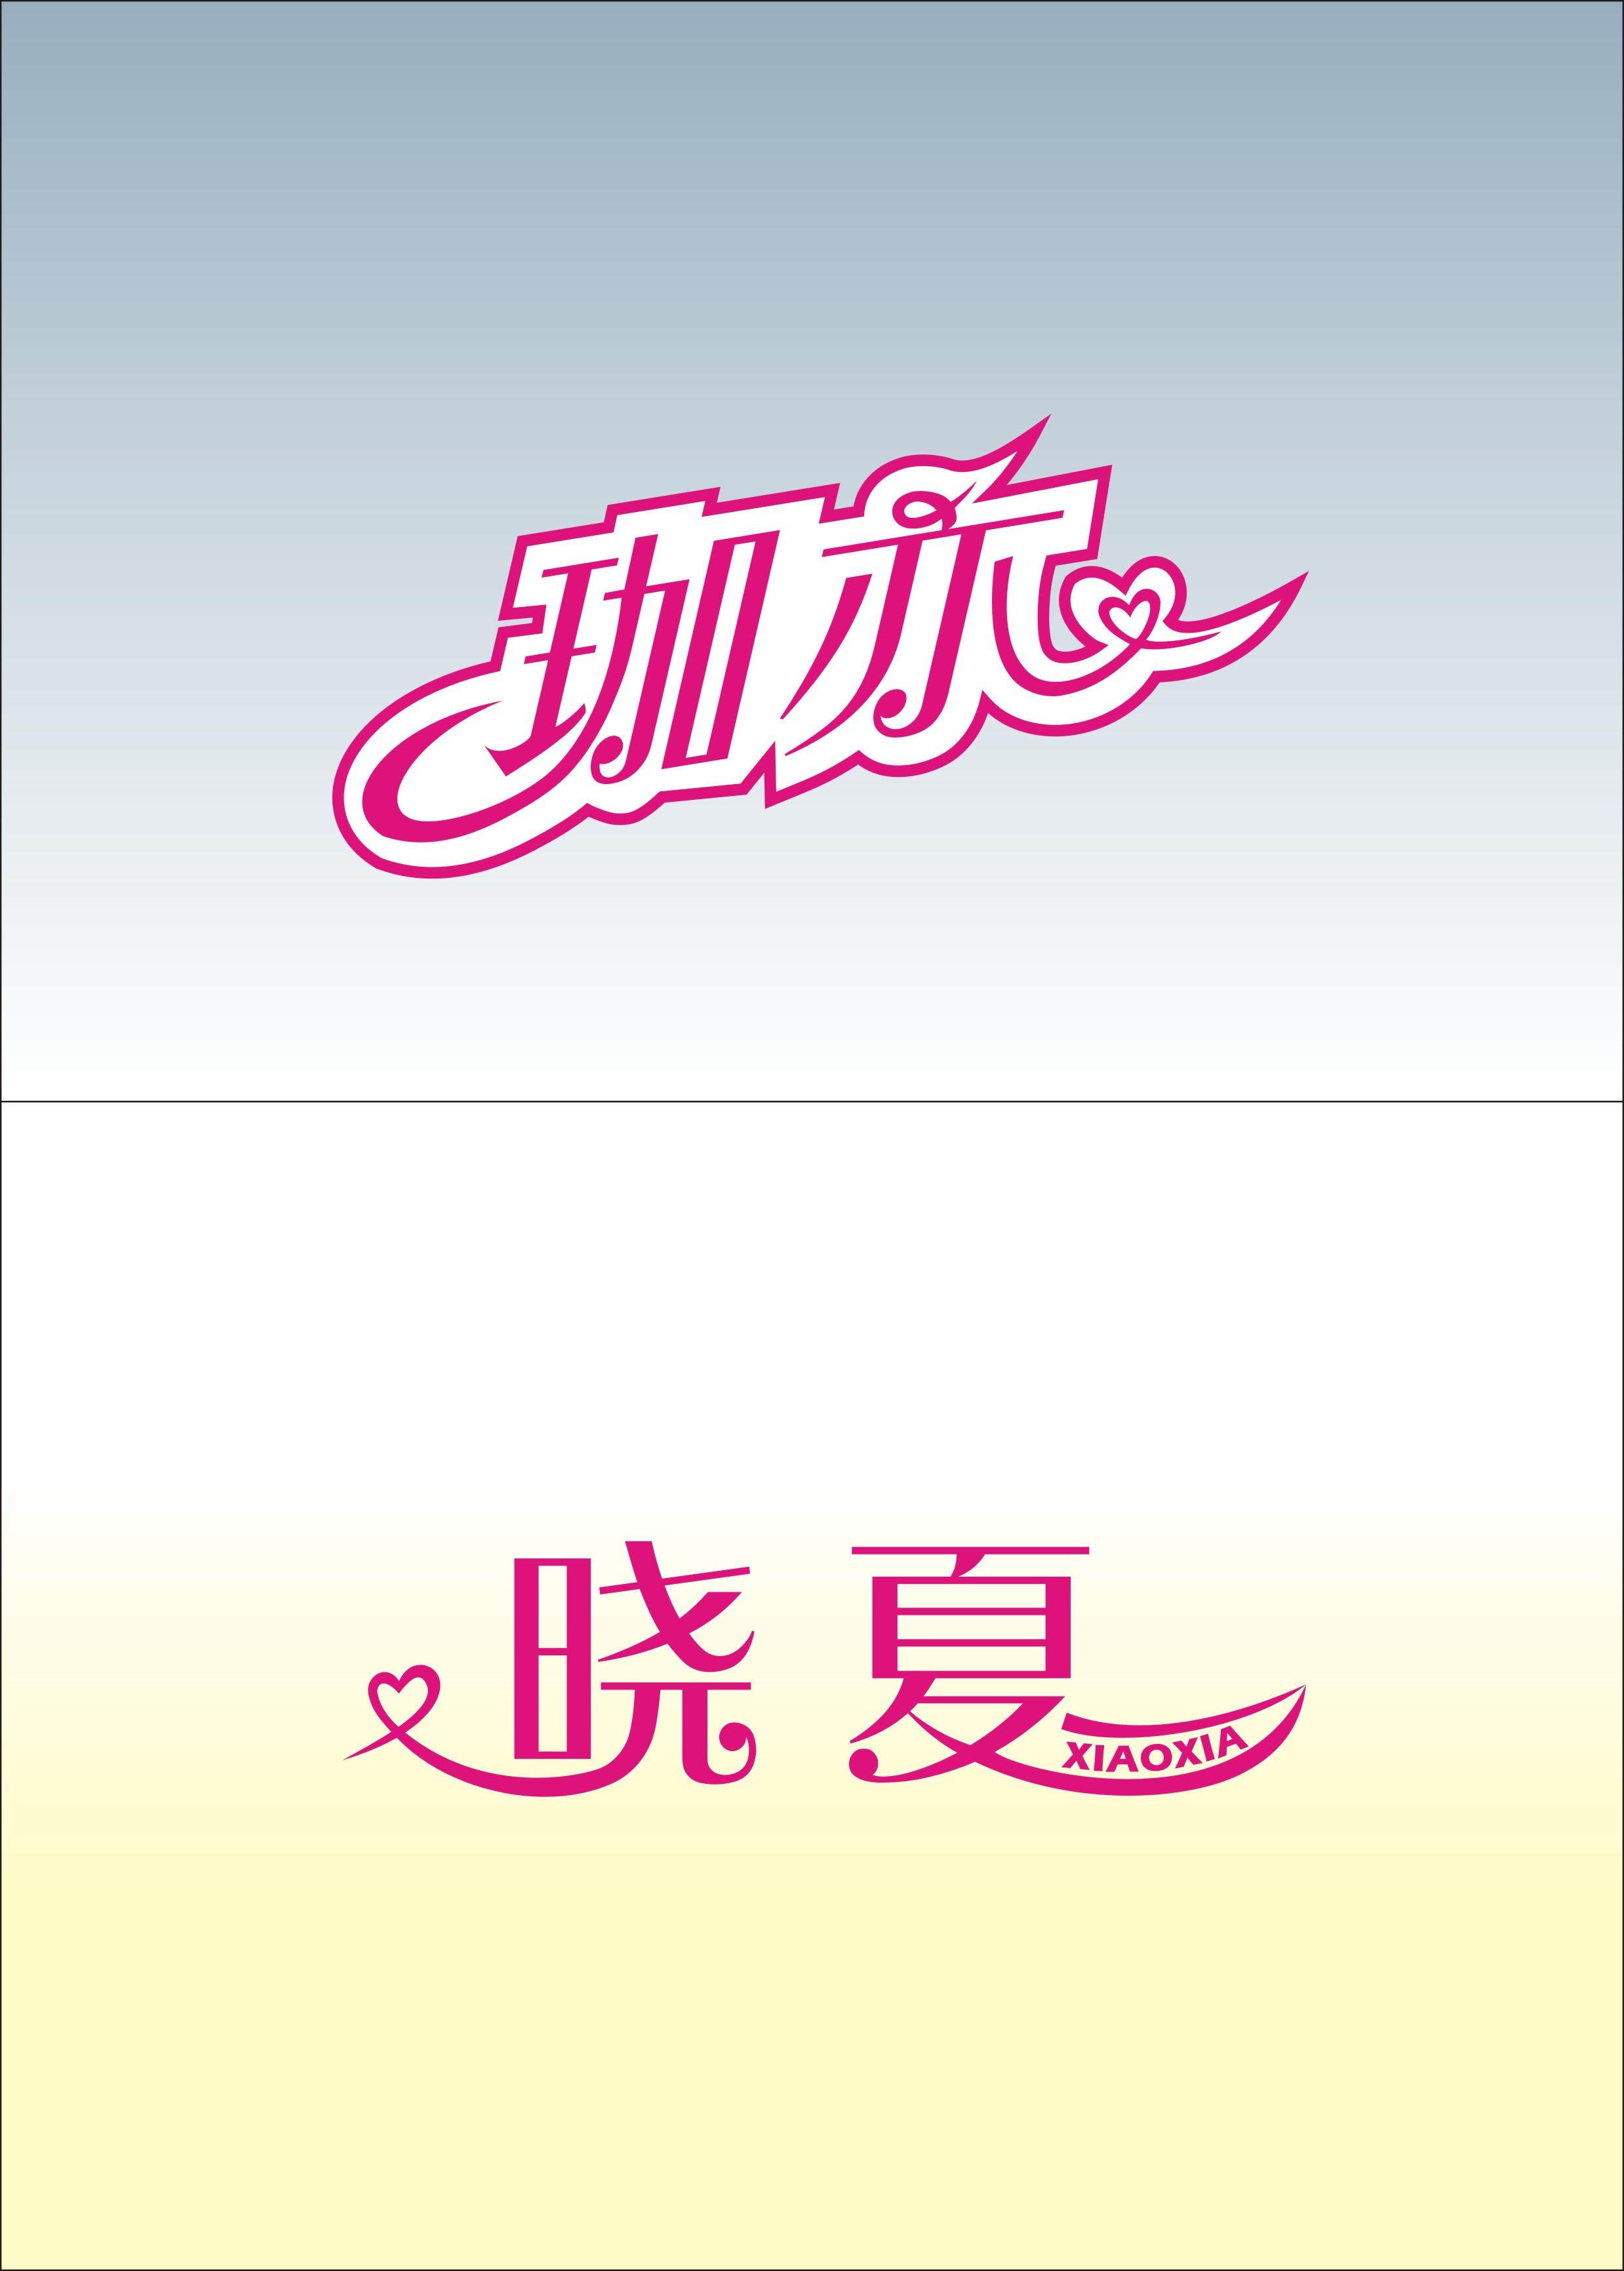 给名字设计logo或者艺术字